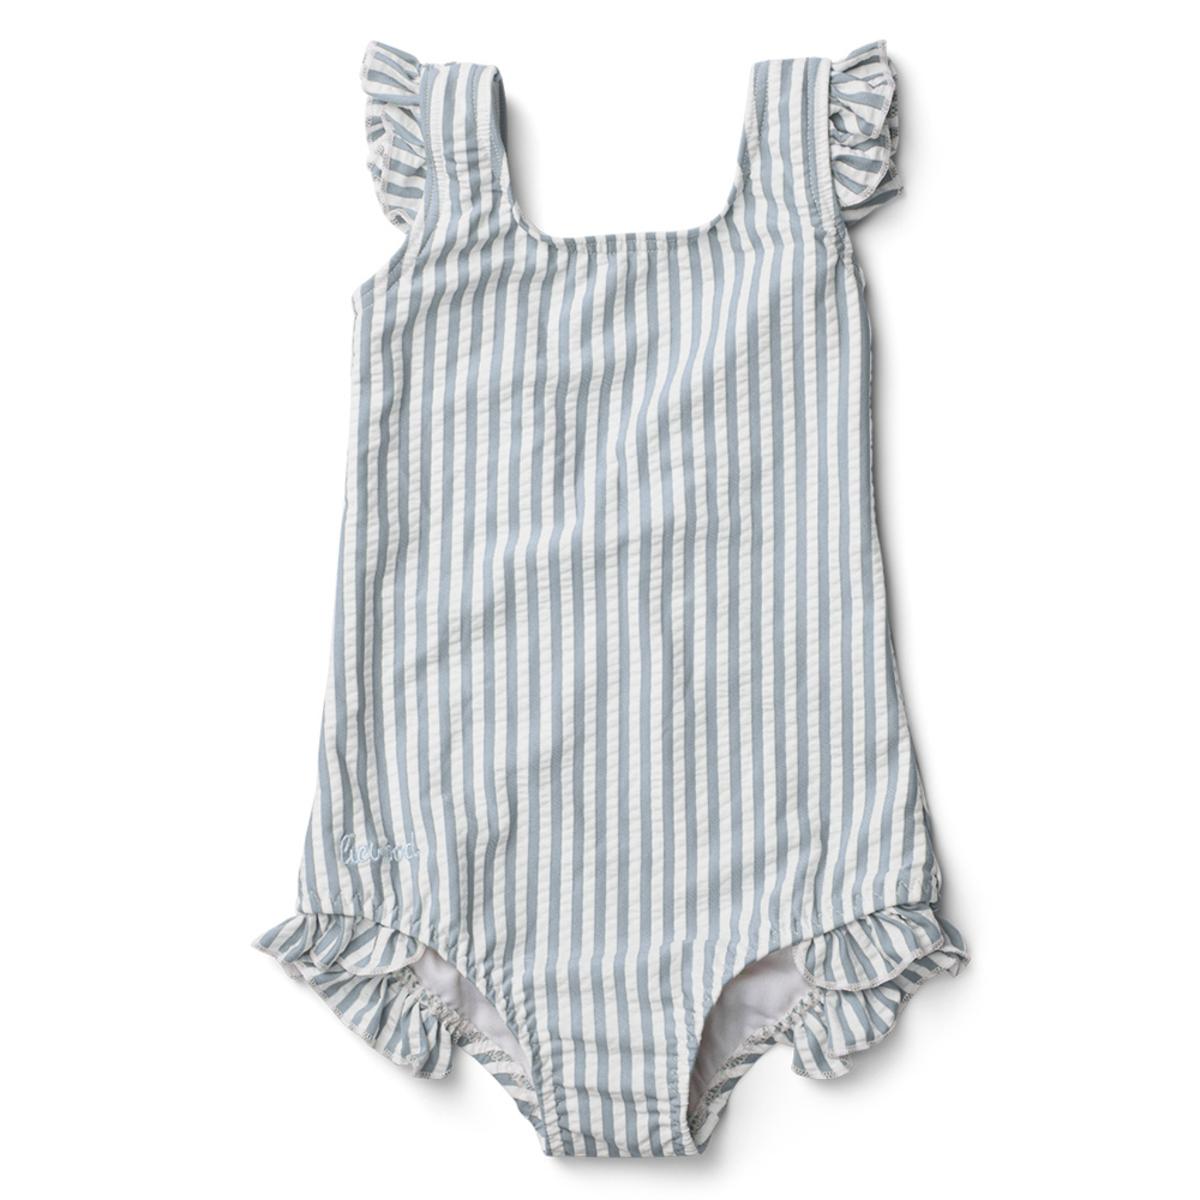 Accessoires bébé Maillot de Bain Tanna Rayé Bleu et Blanc - 18/36 Mois Maillot de Bain Tanna Rayé Bleu et Blanc - 18/36 Mois